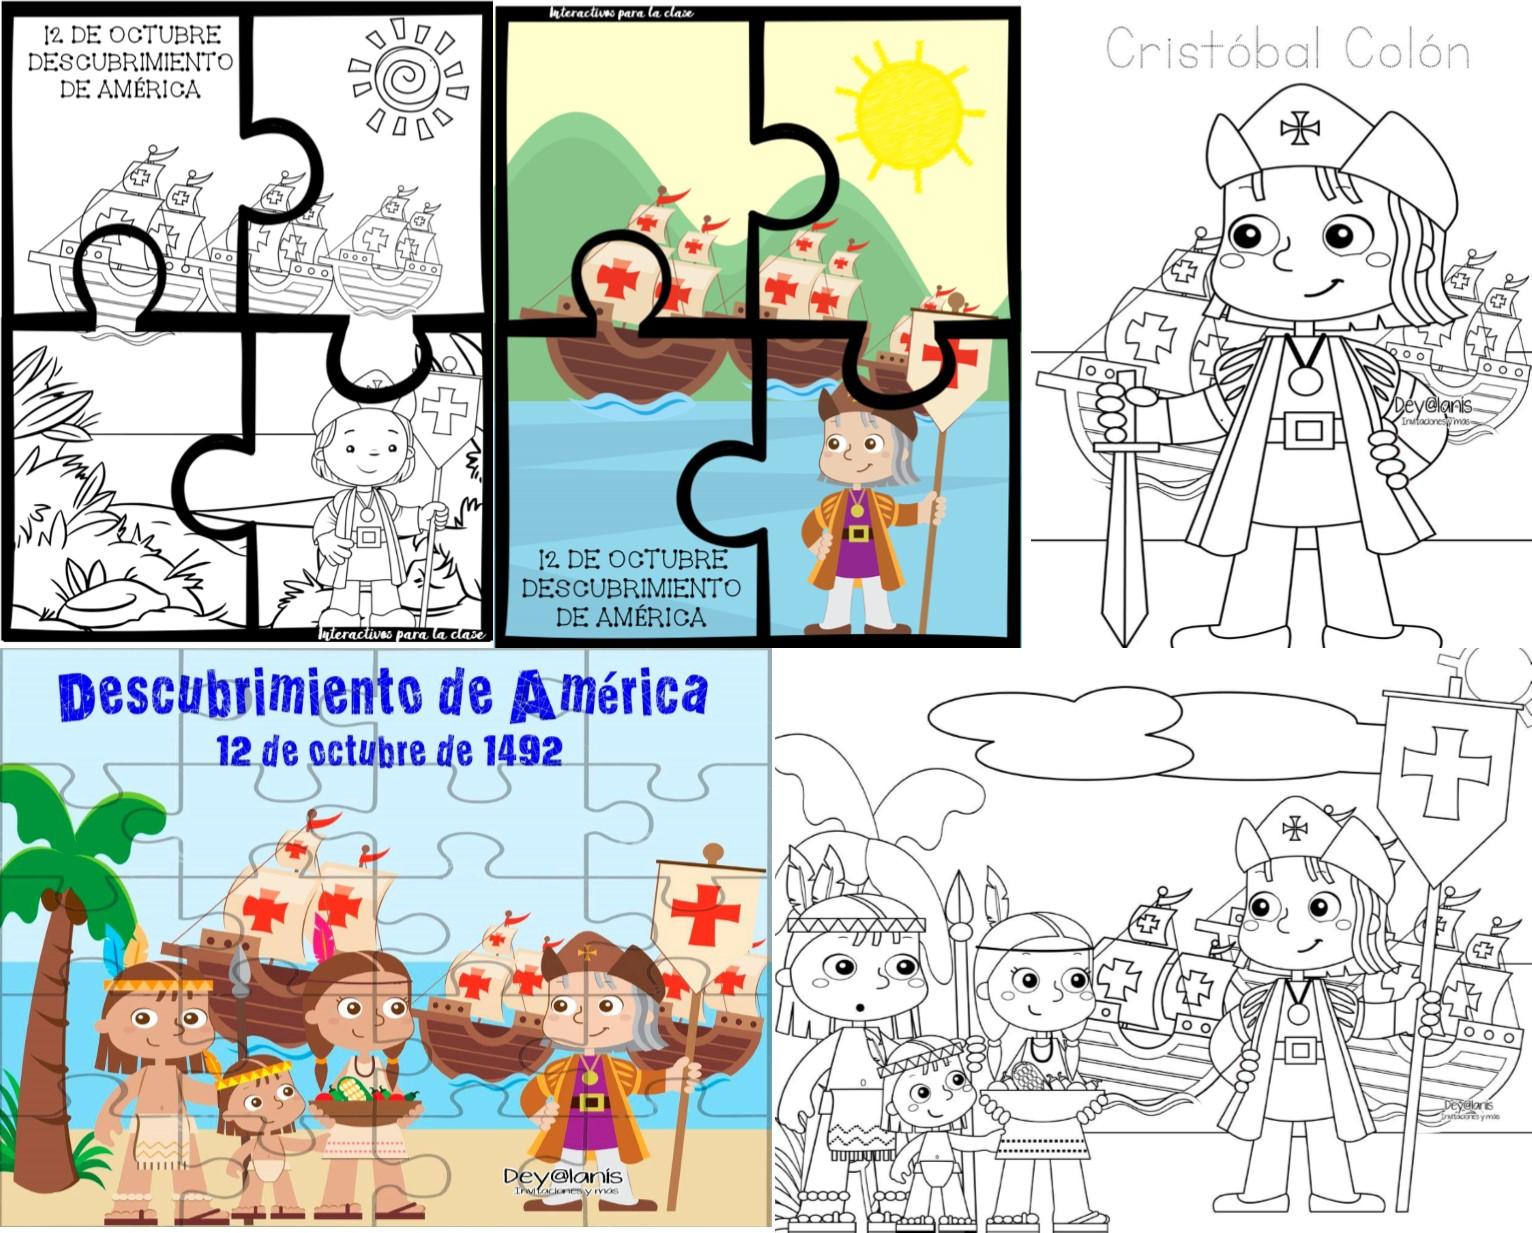 Excelentes Dibujos Y Rompecabezas Del Descubrimiento De